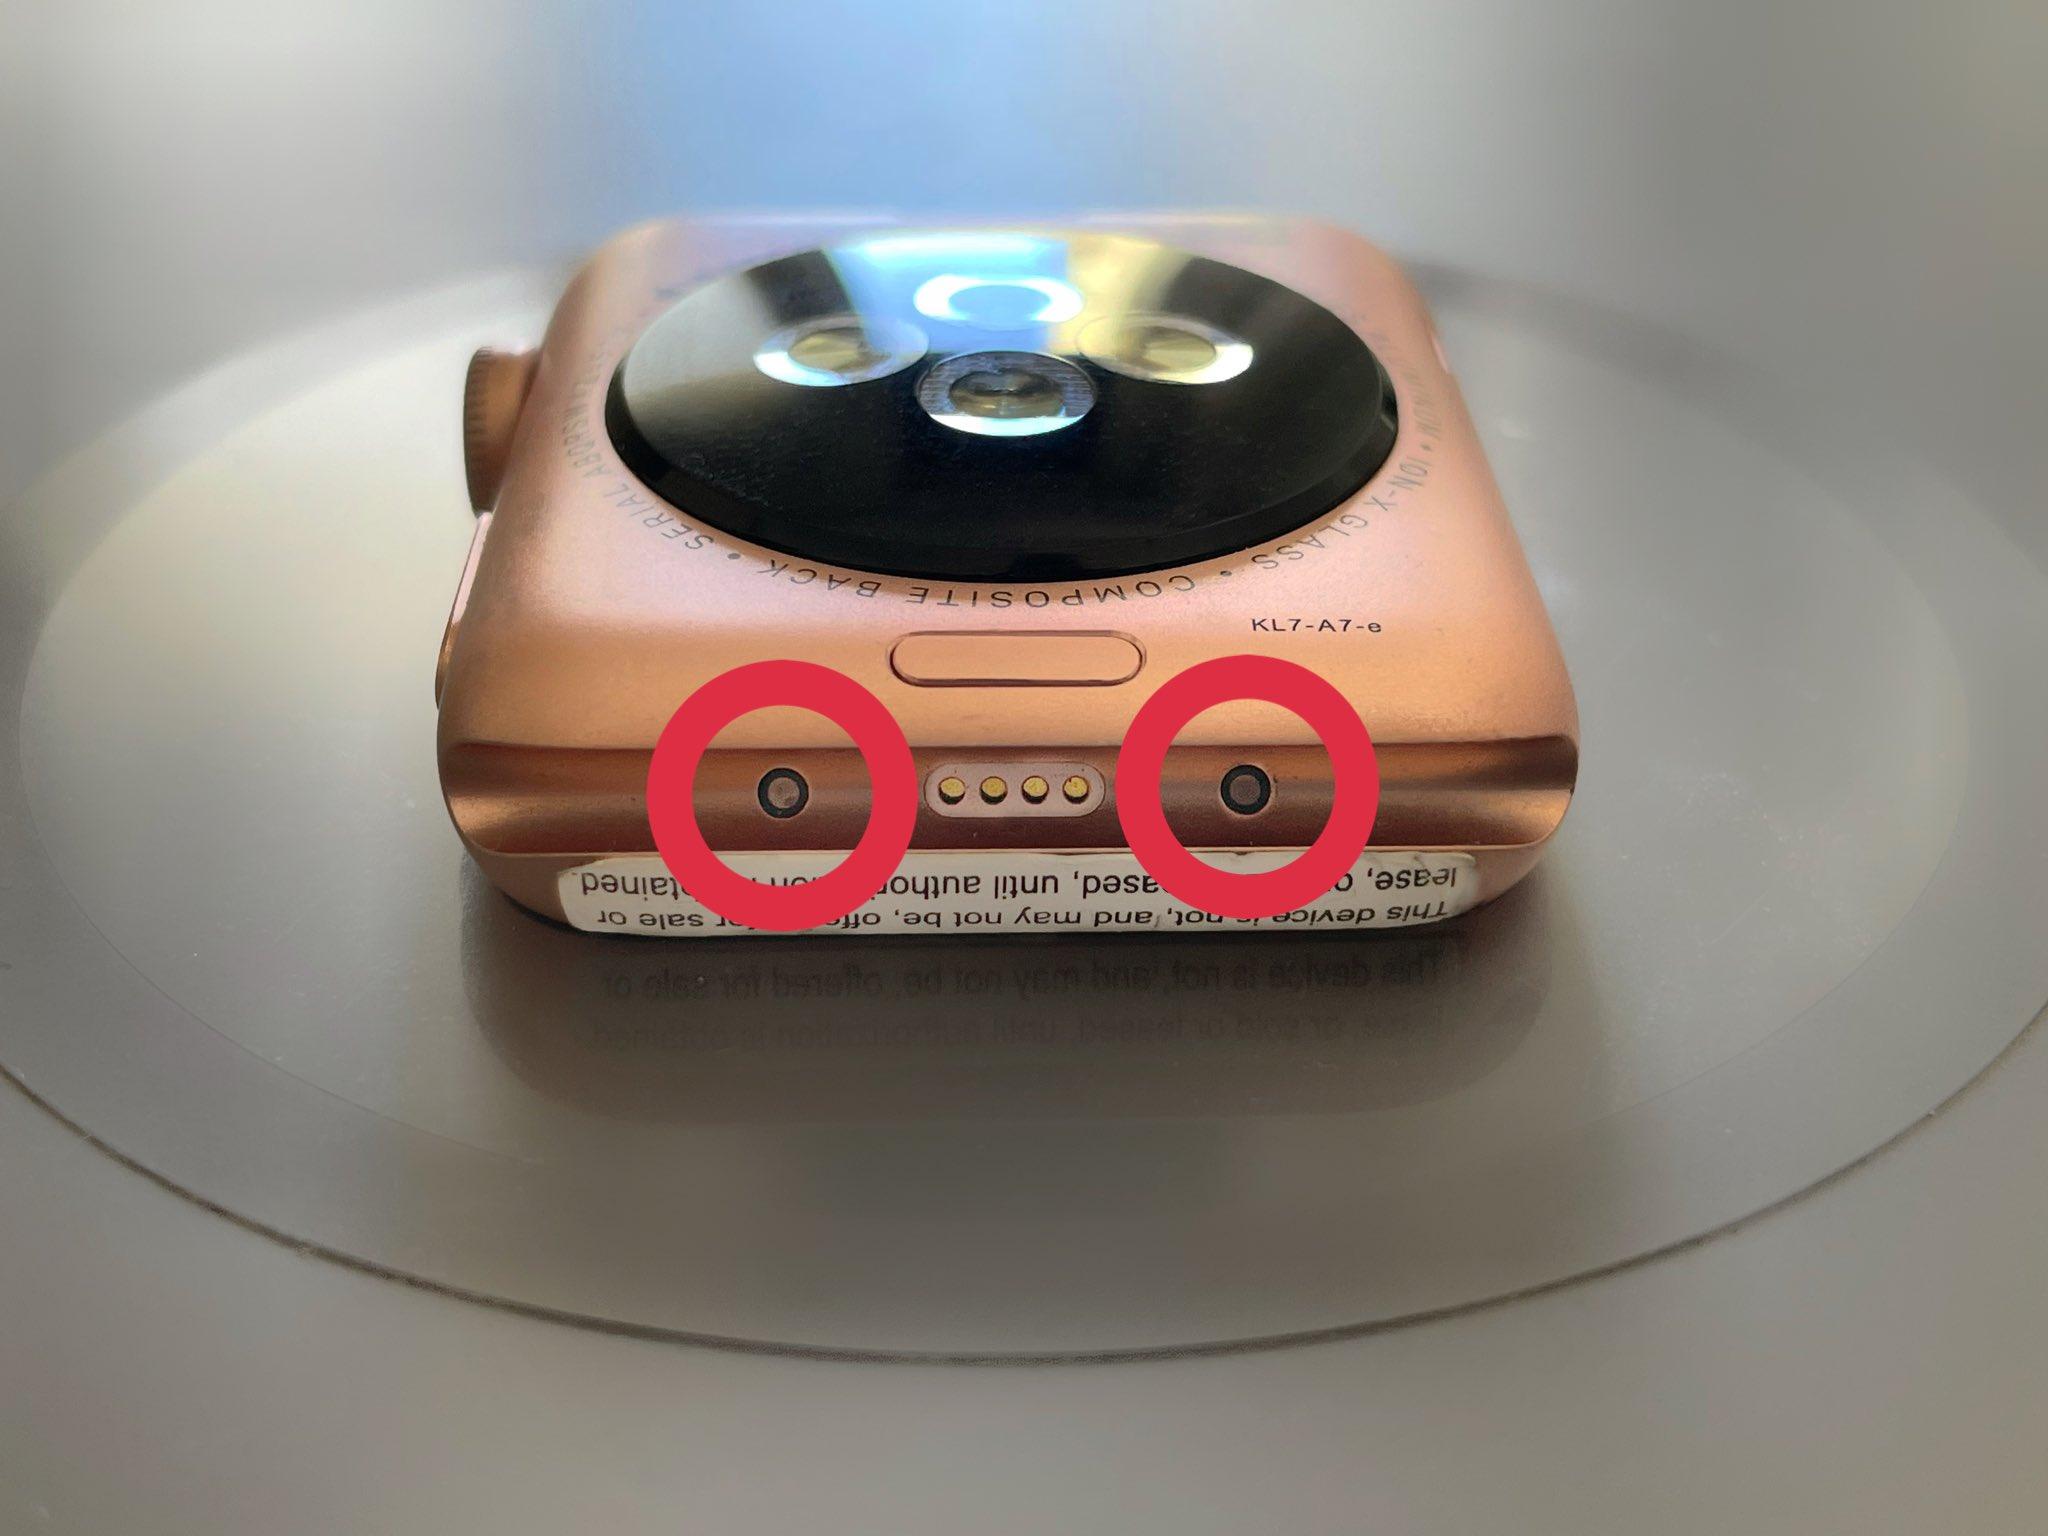 Появилось фото раннего прототипа Apple Watch Series 3 с поддержкой умных ремешков